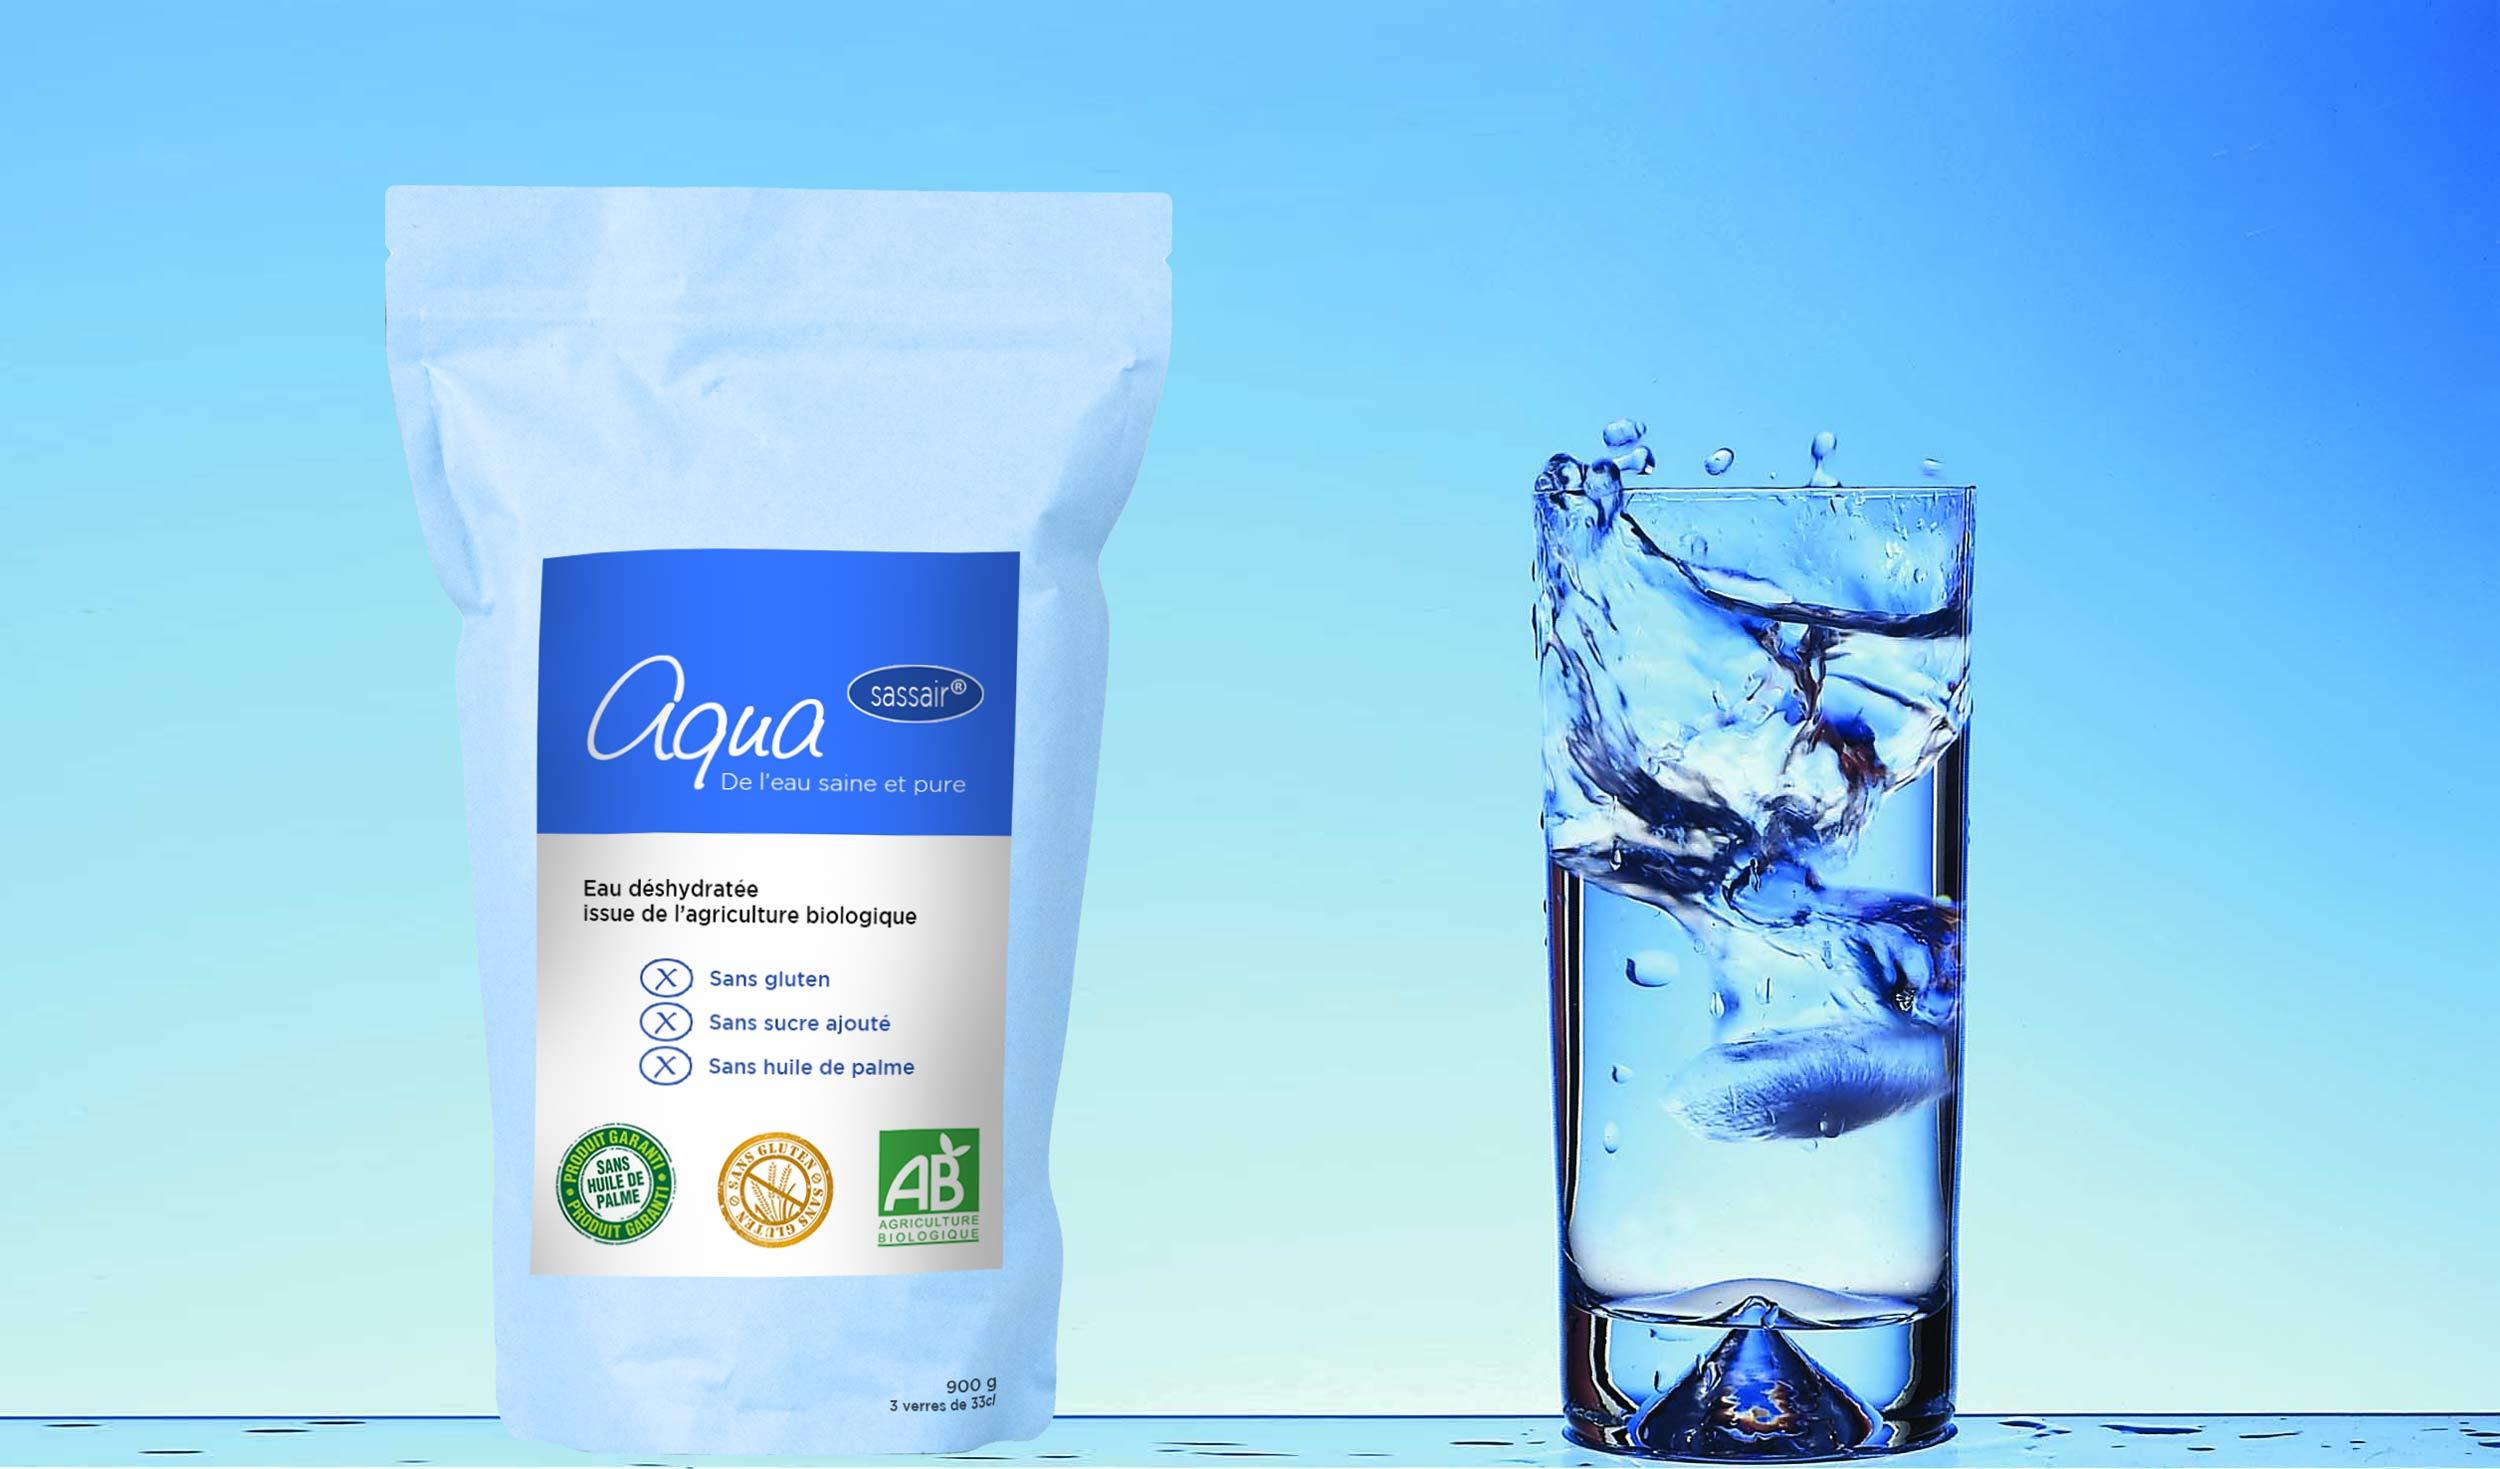 Aqua (Sassair ©) - La nouvelle eau en poudre